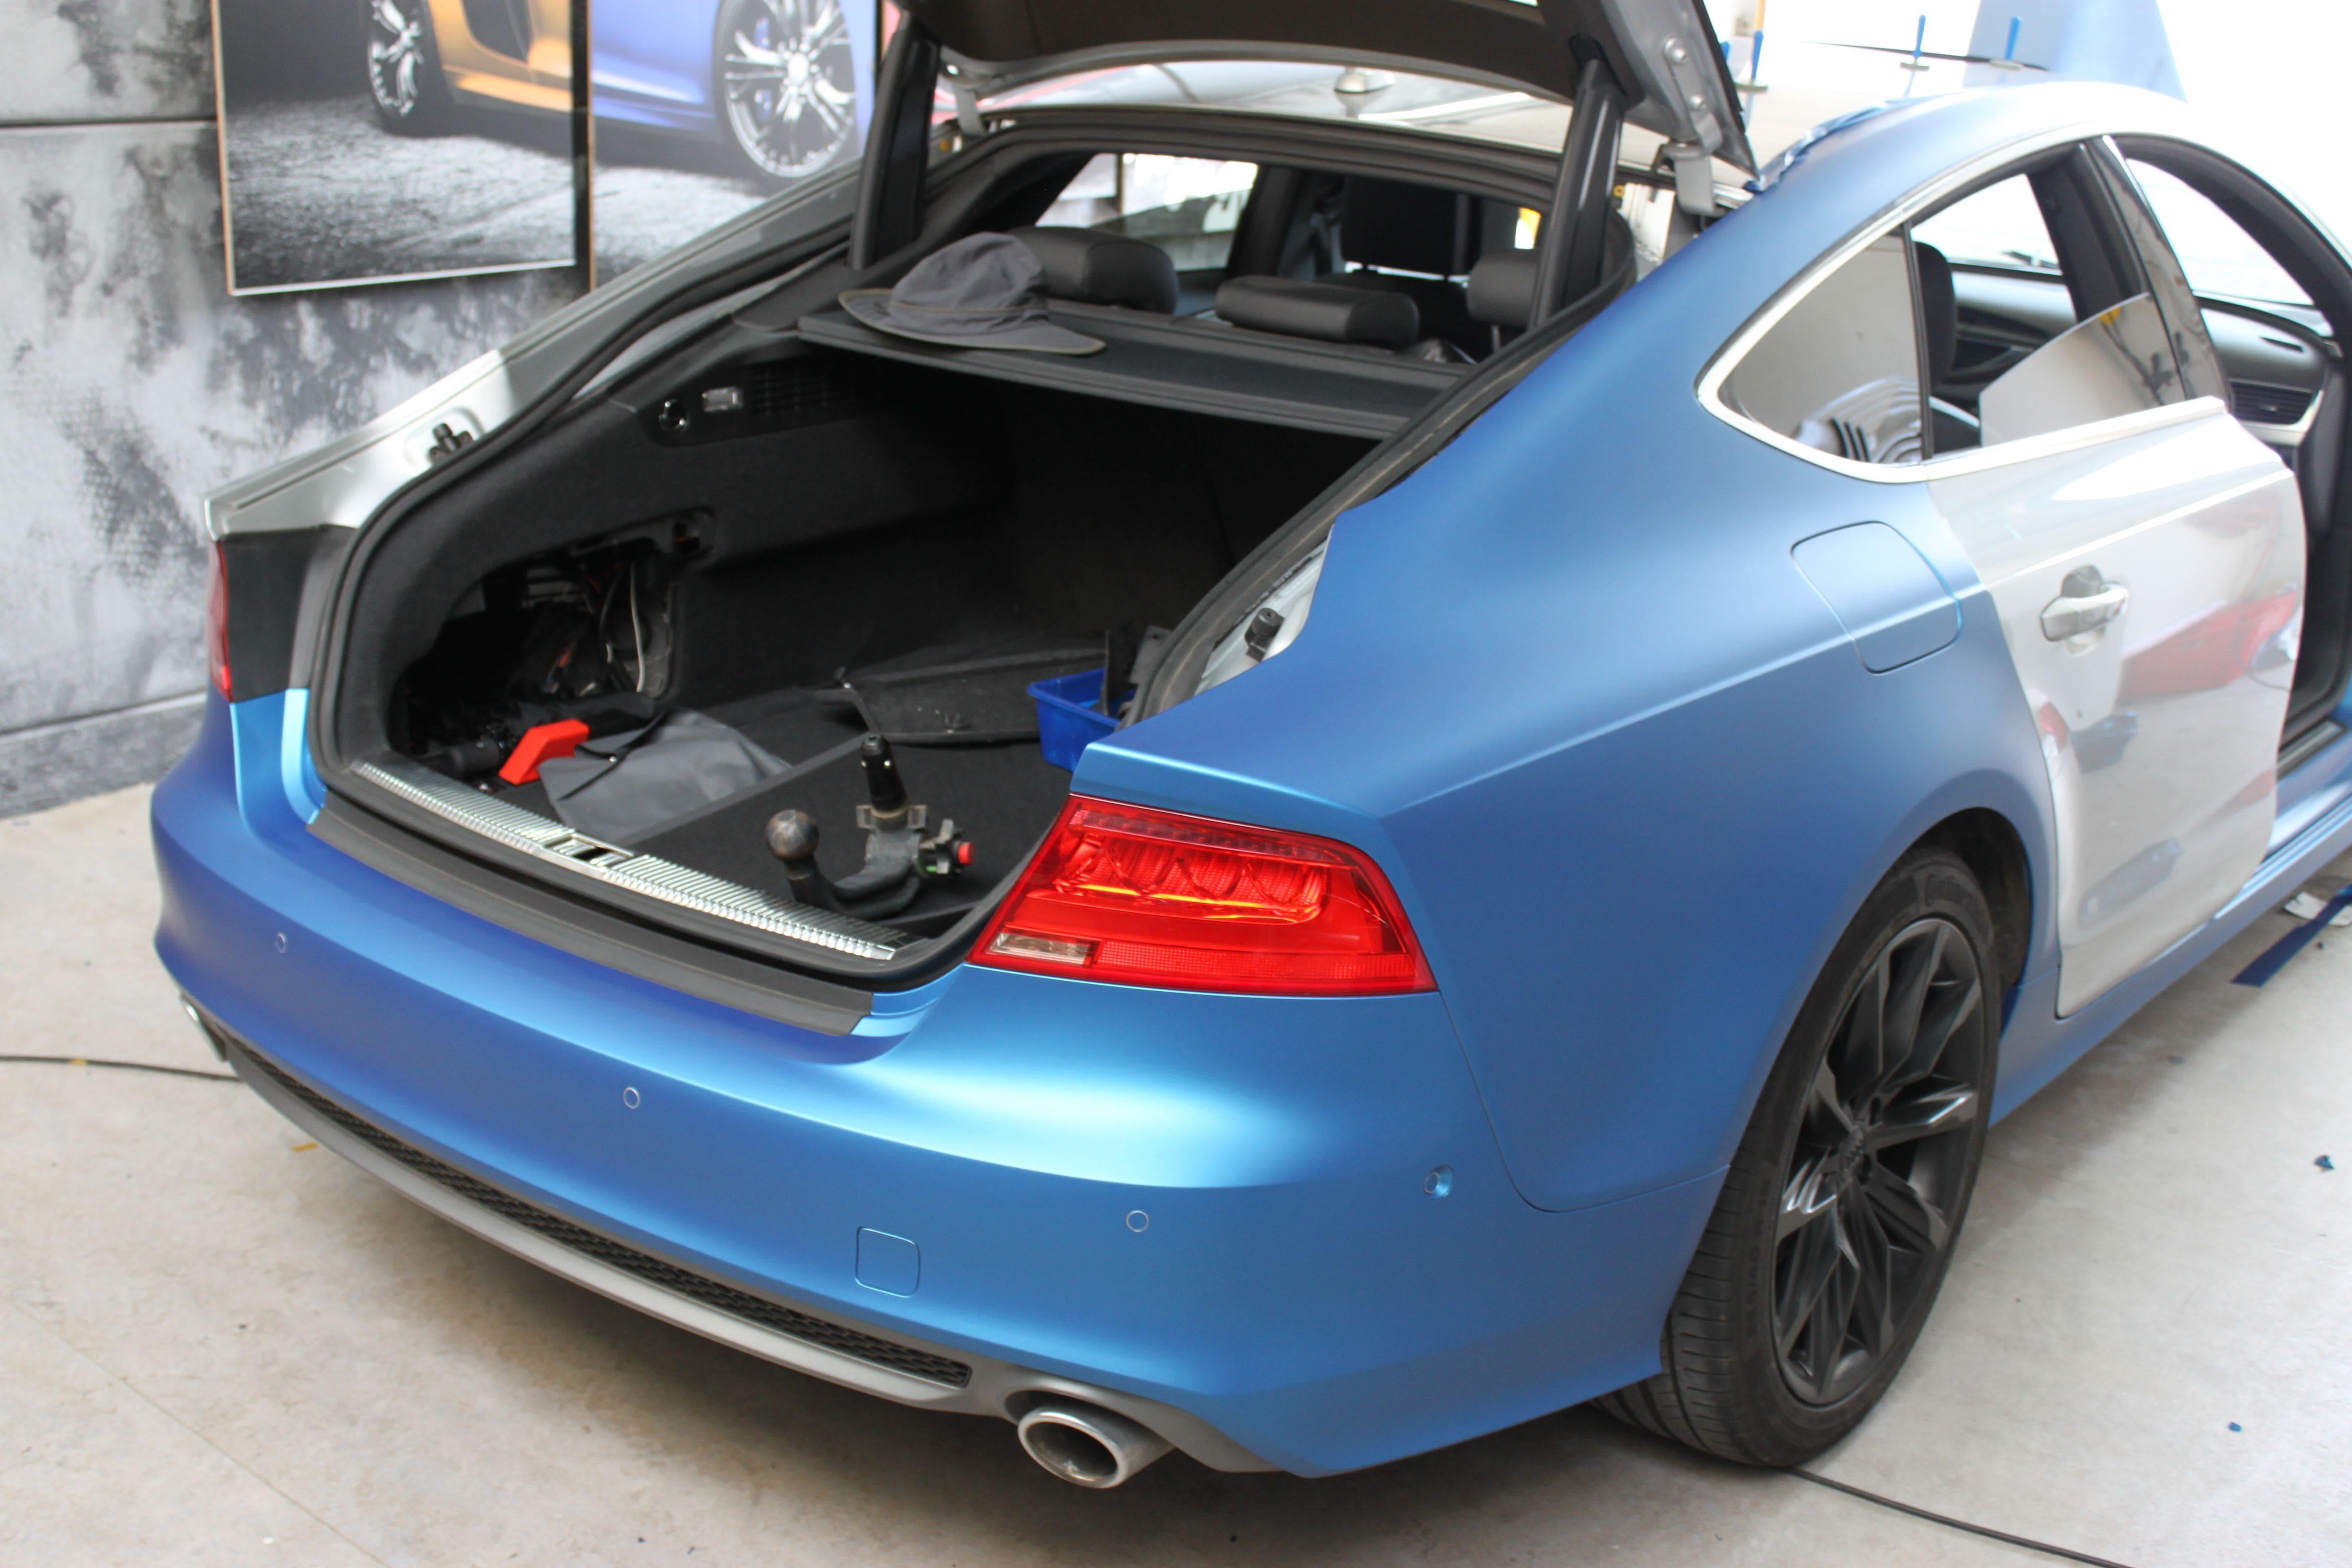 Audi A7 met Two Tone Wrap in Blauw en Wit, Carwrapping door Wrapmyride.nu Foto-nr:4871, ©2021